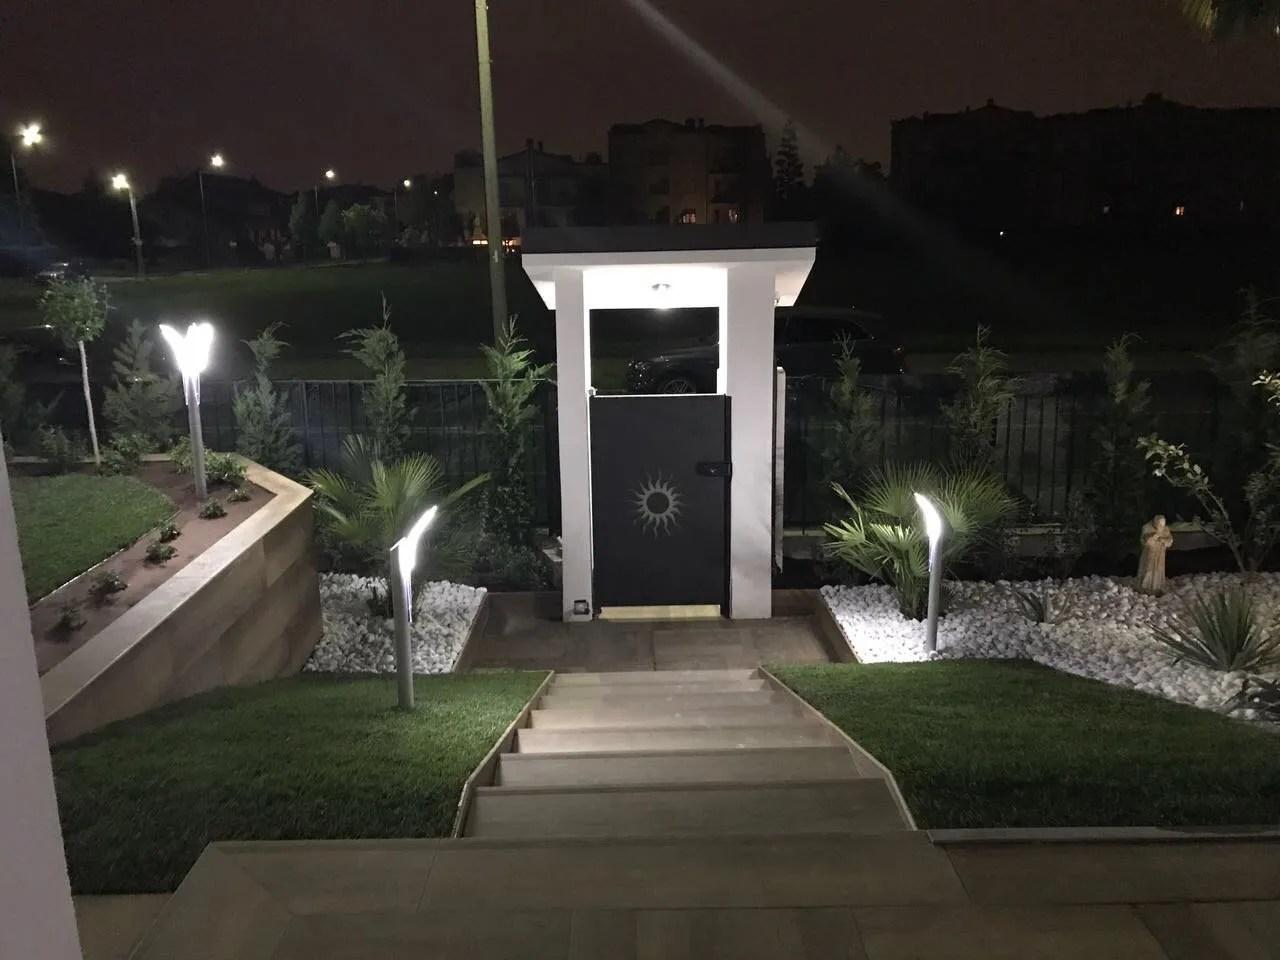 Illuminazione Ingresso Casa : Illuminazione x esterno : ingresso esterno di casa di69